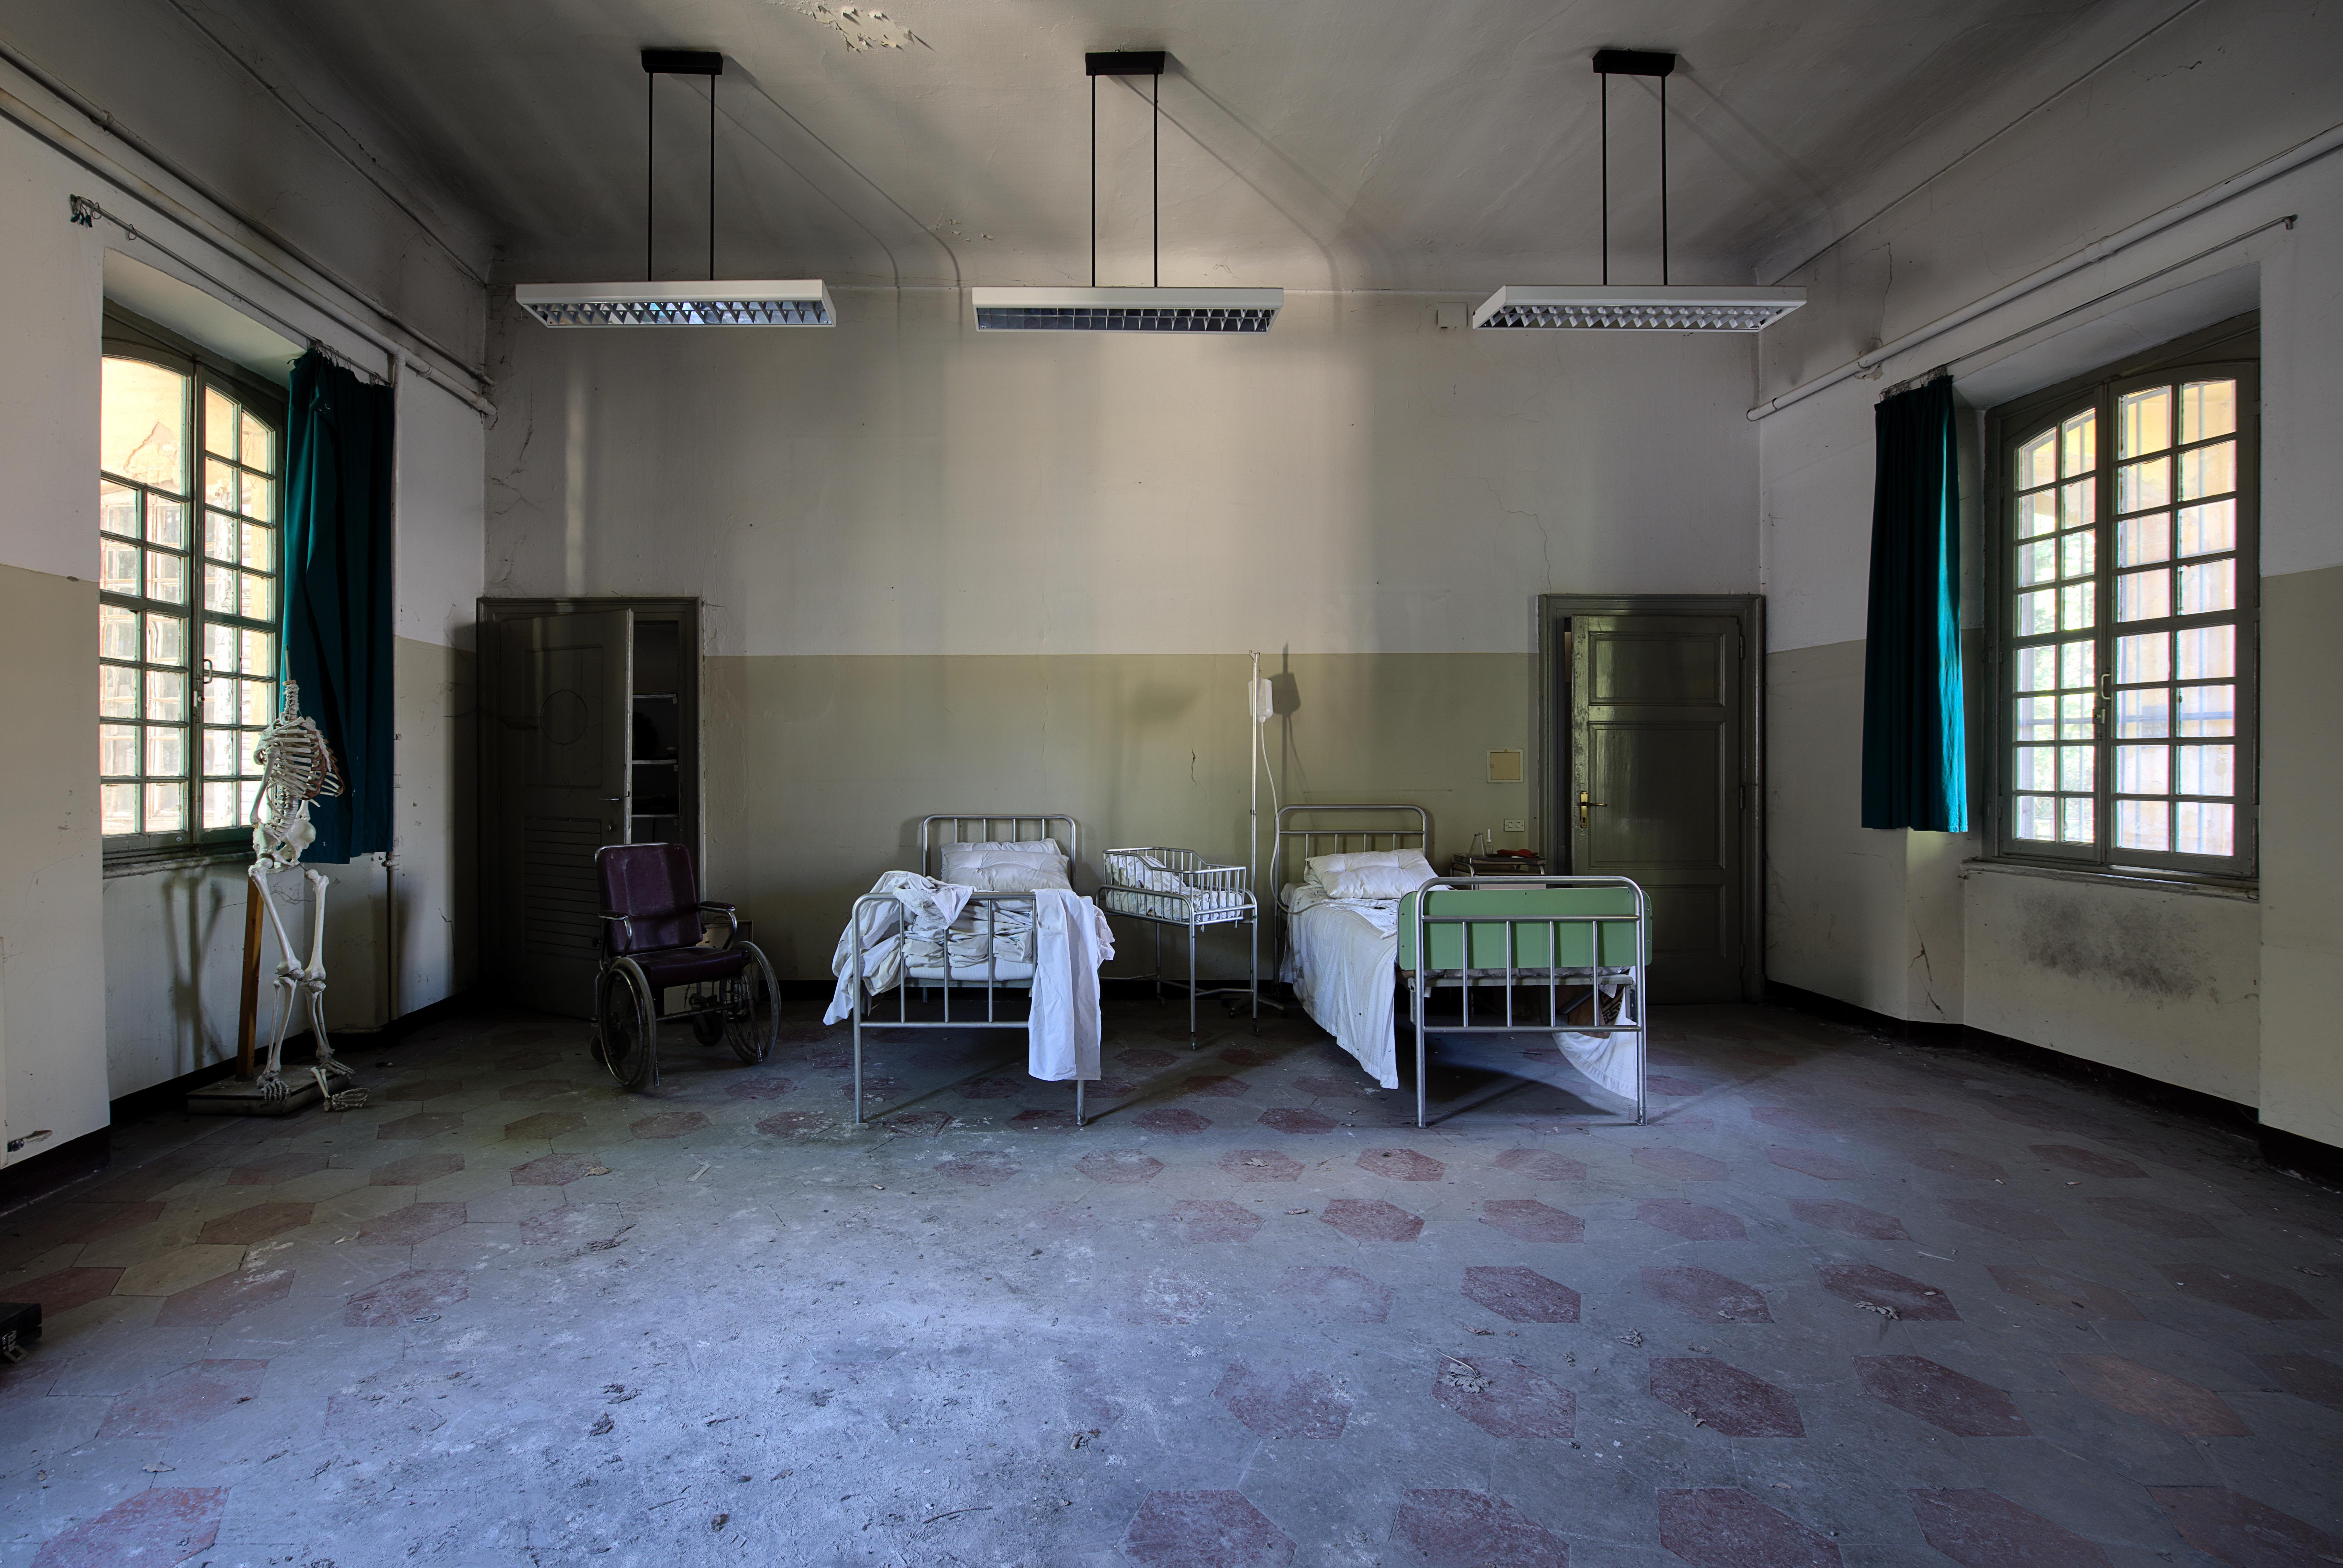 стрижка психиатрические клиники в россии фото она яхтенного